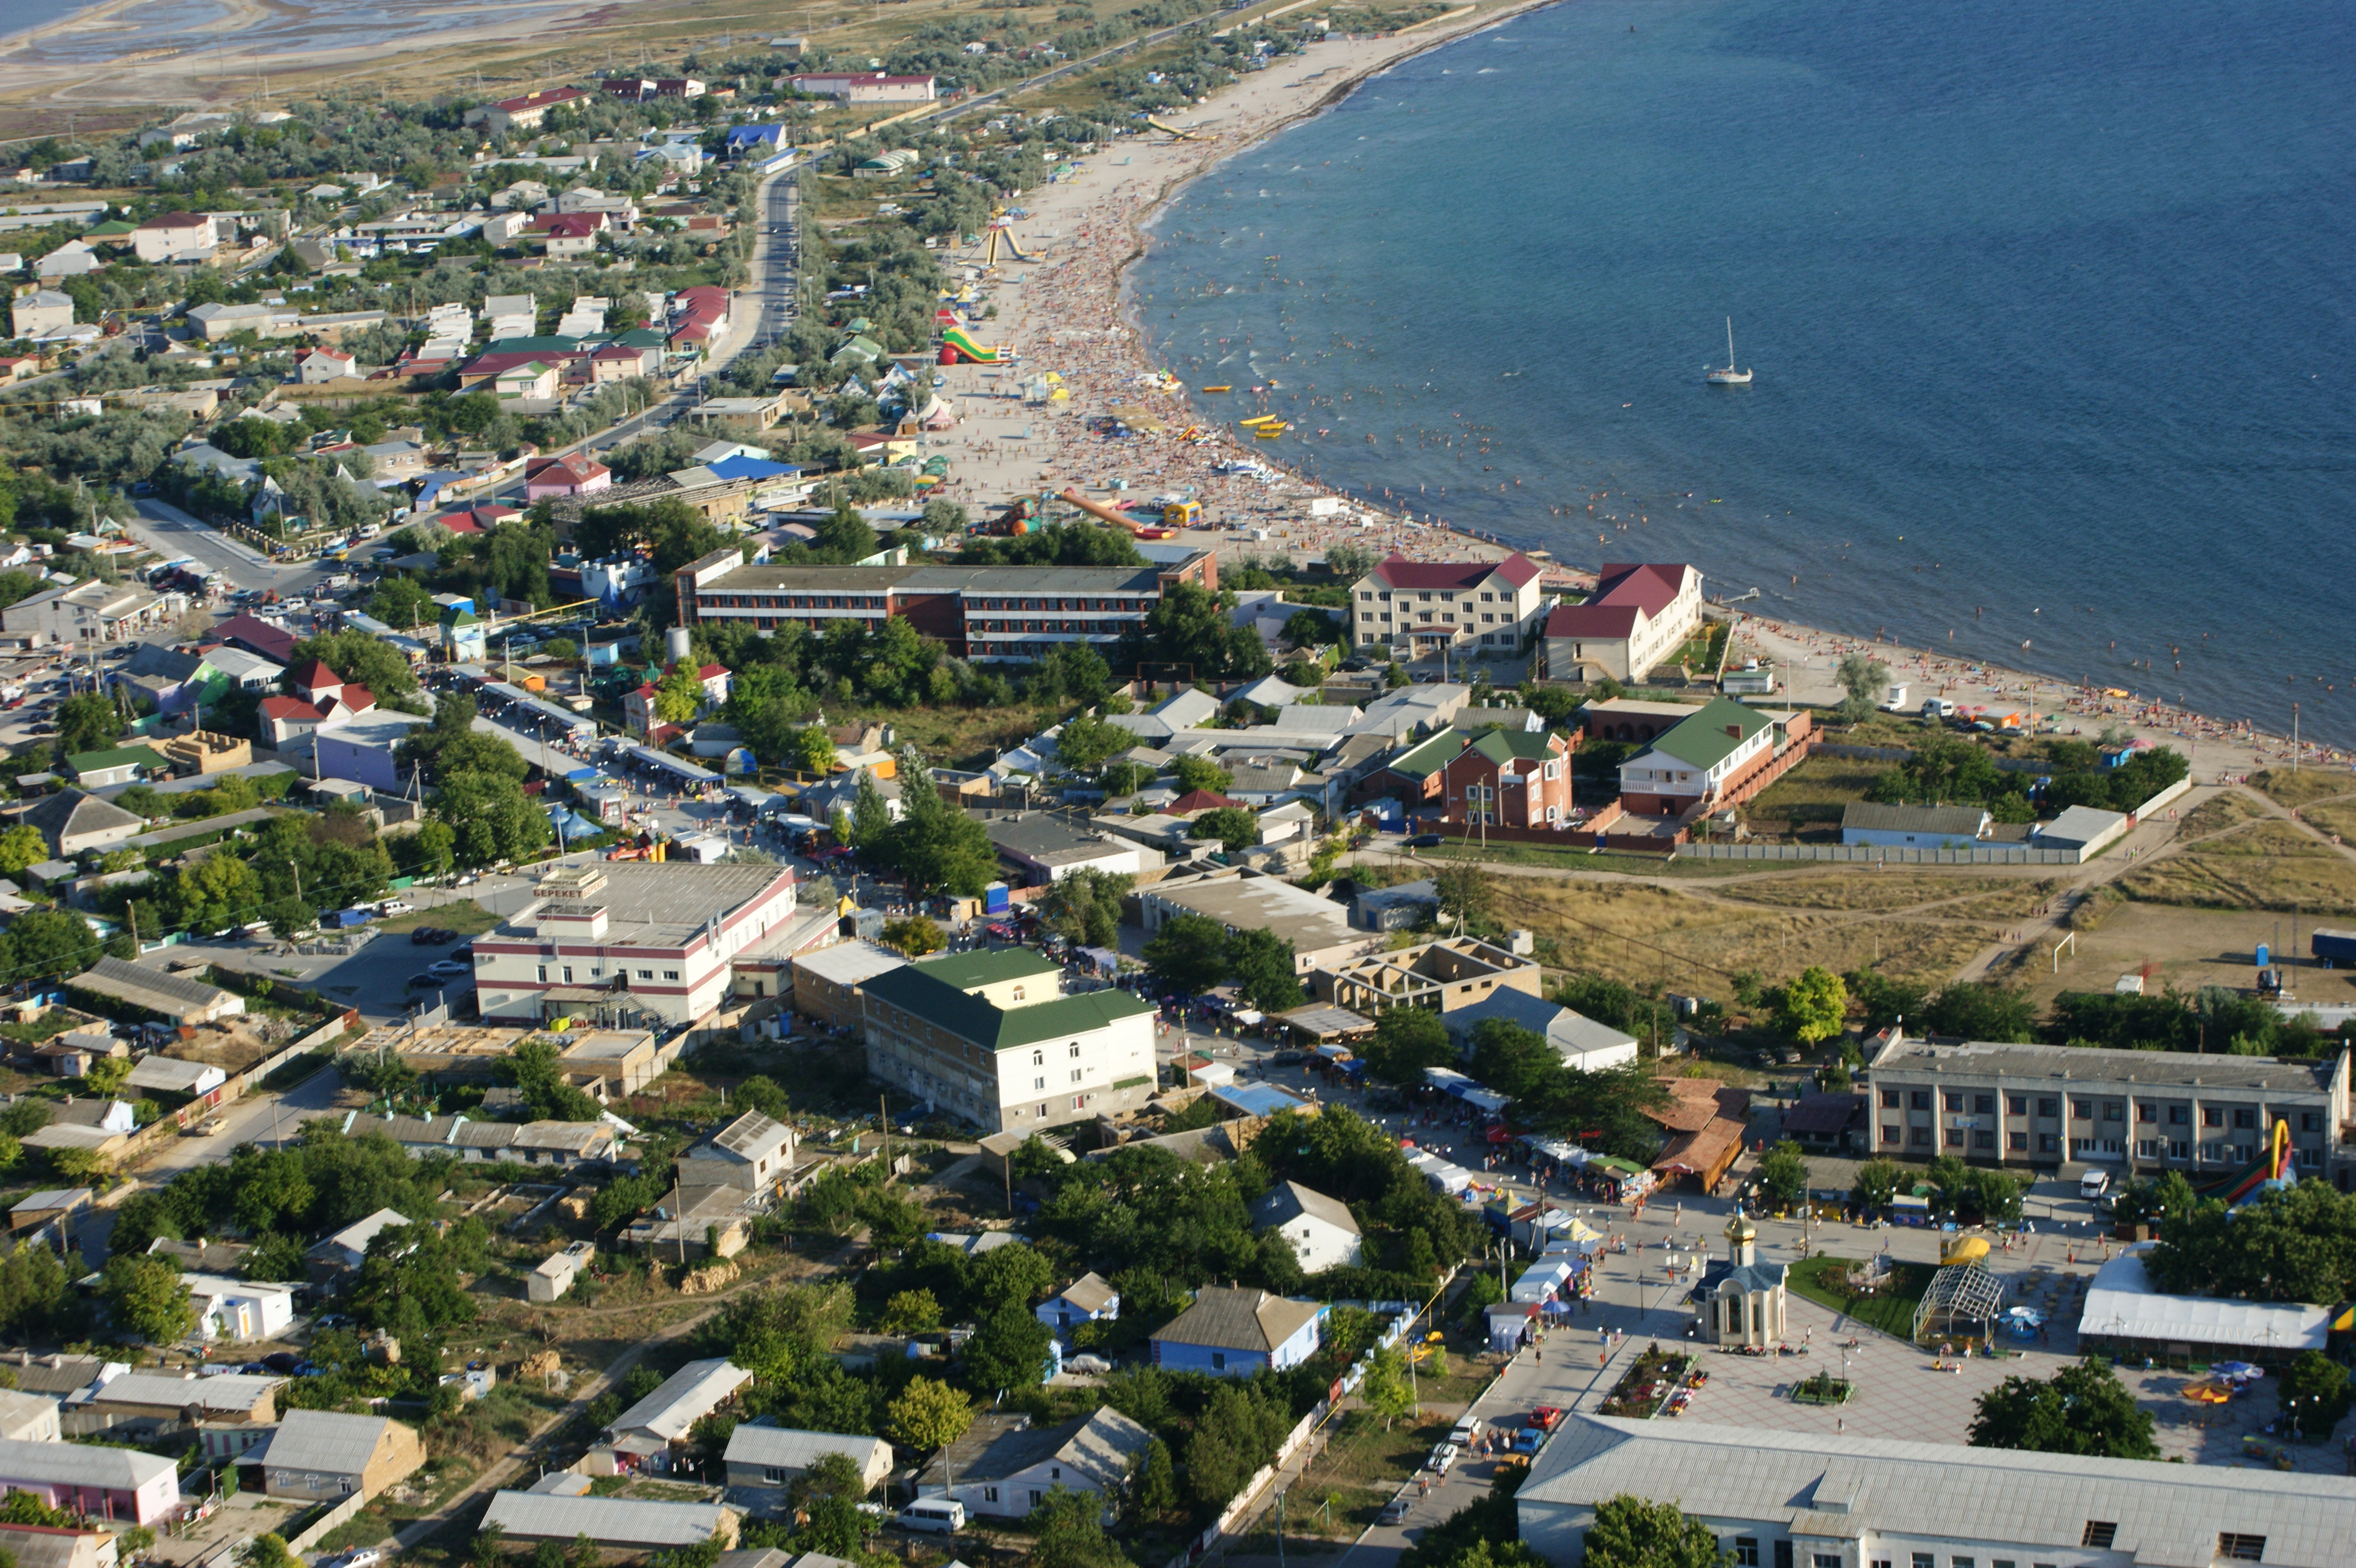 Лечение суставов крымской грязью в поселке межводное остеоартроз лучезапястного сустава лечение